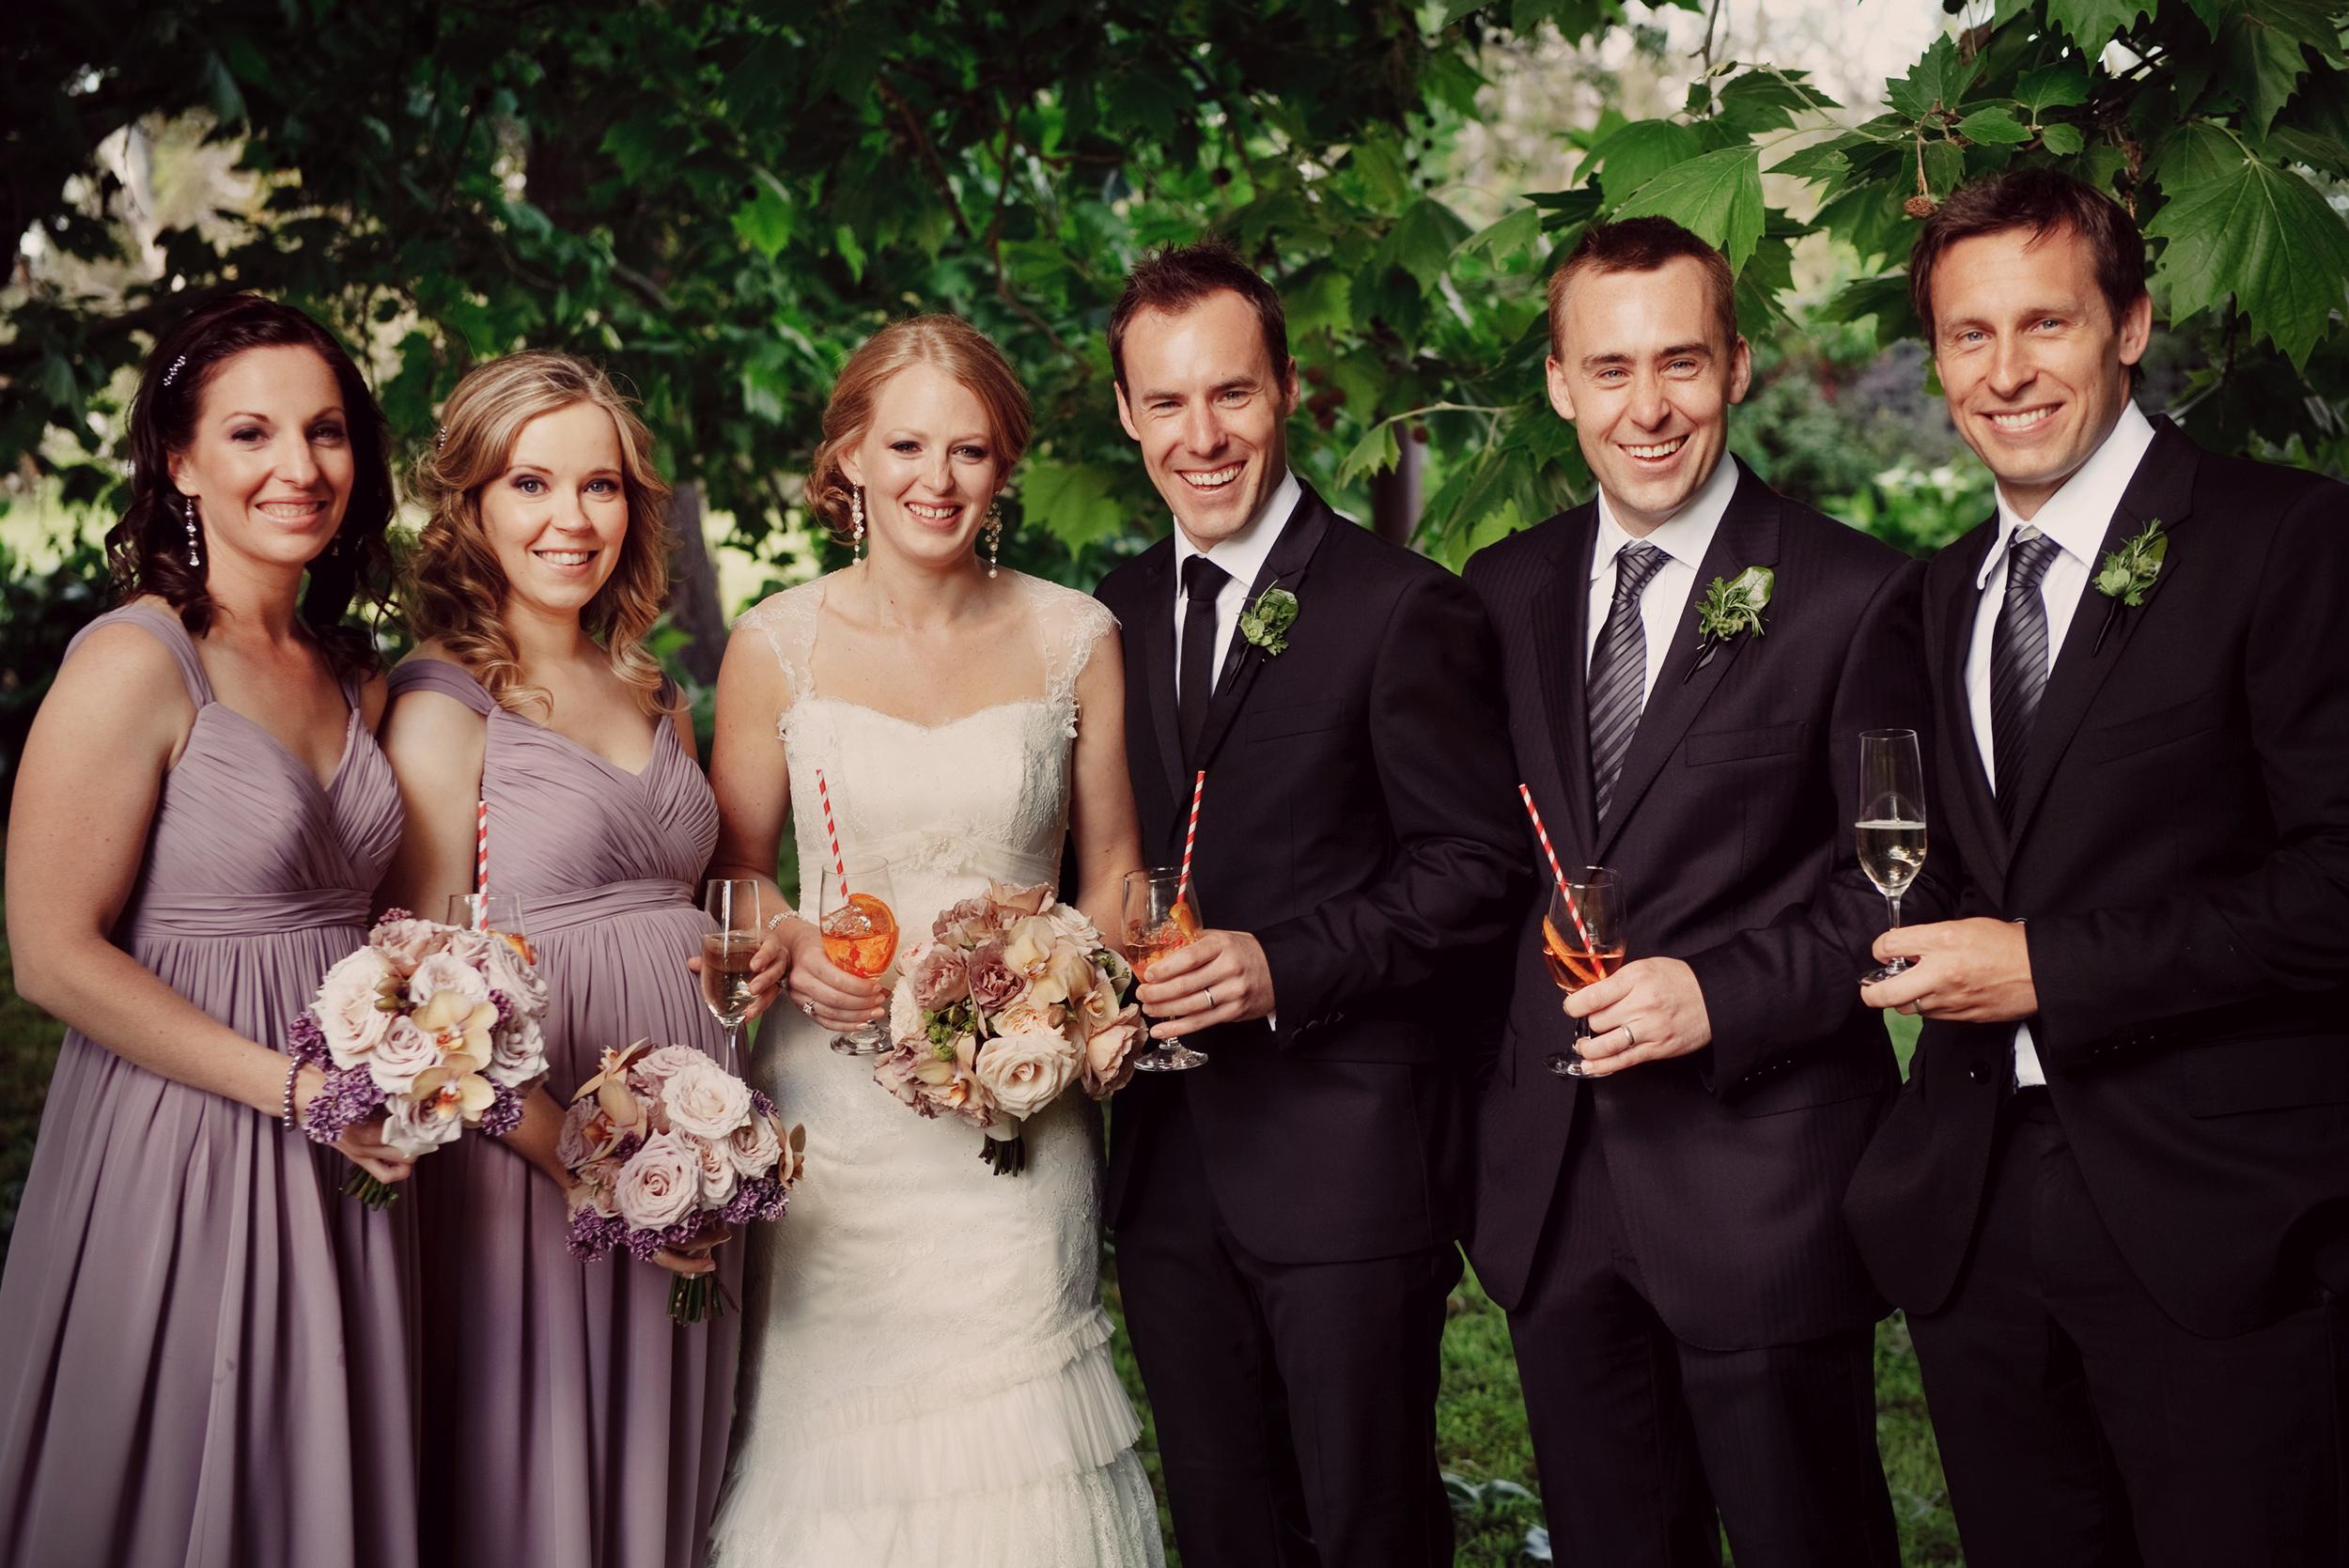 euroa_butter_factory_wedding_photography_74.jpg